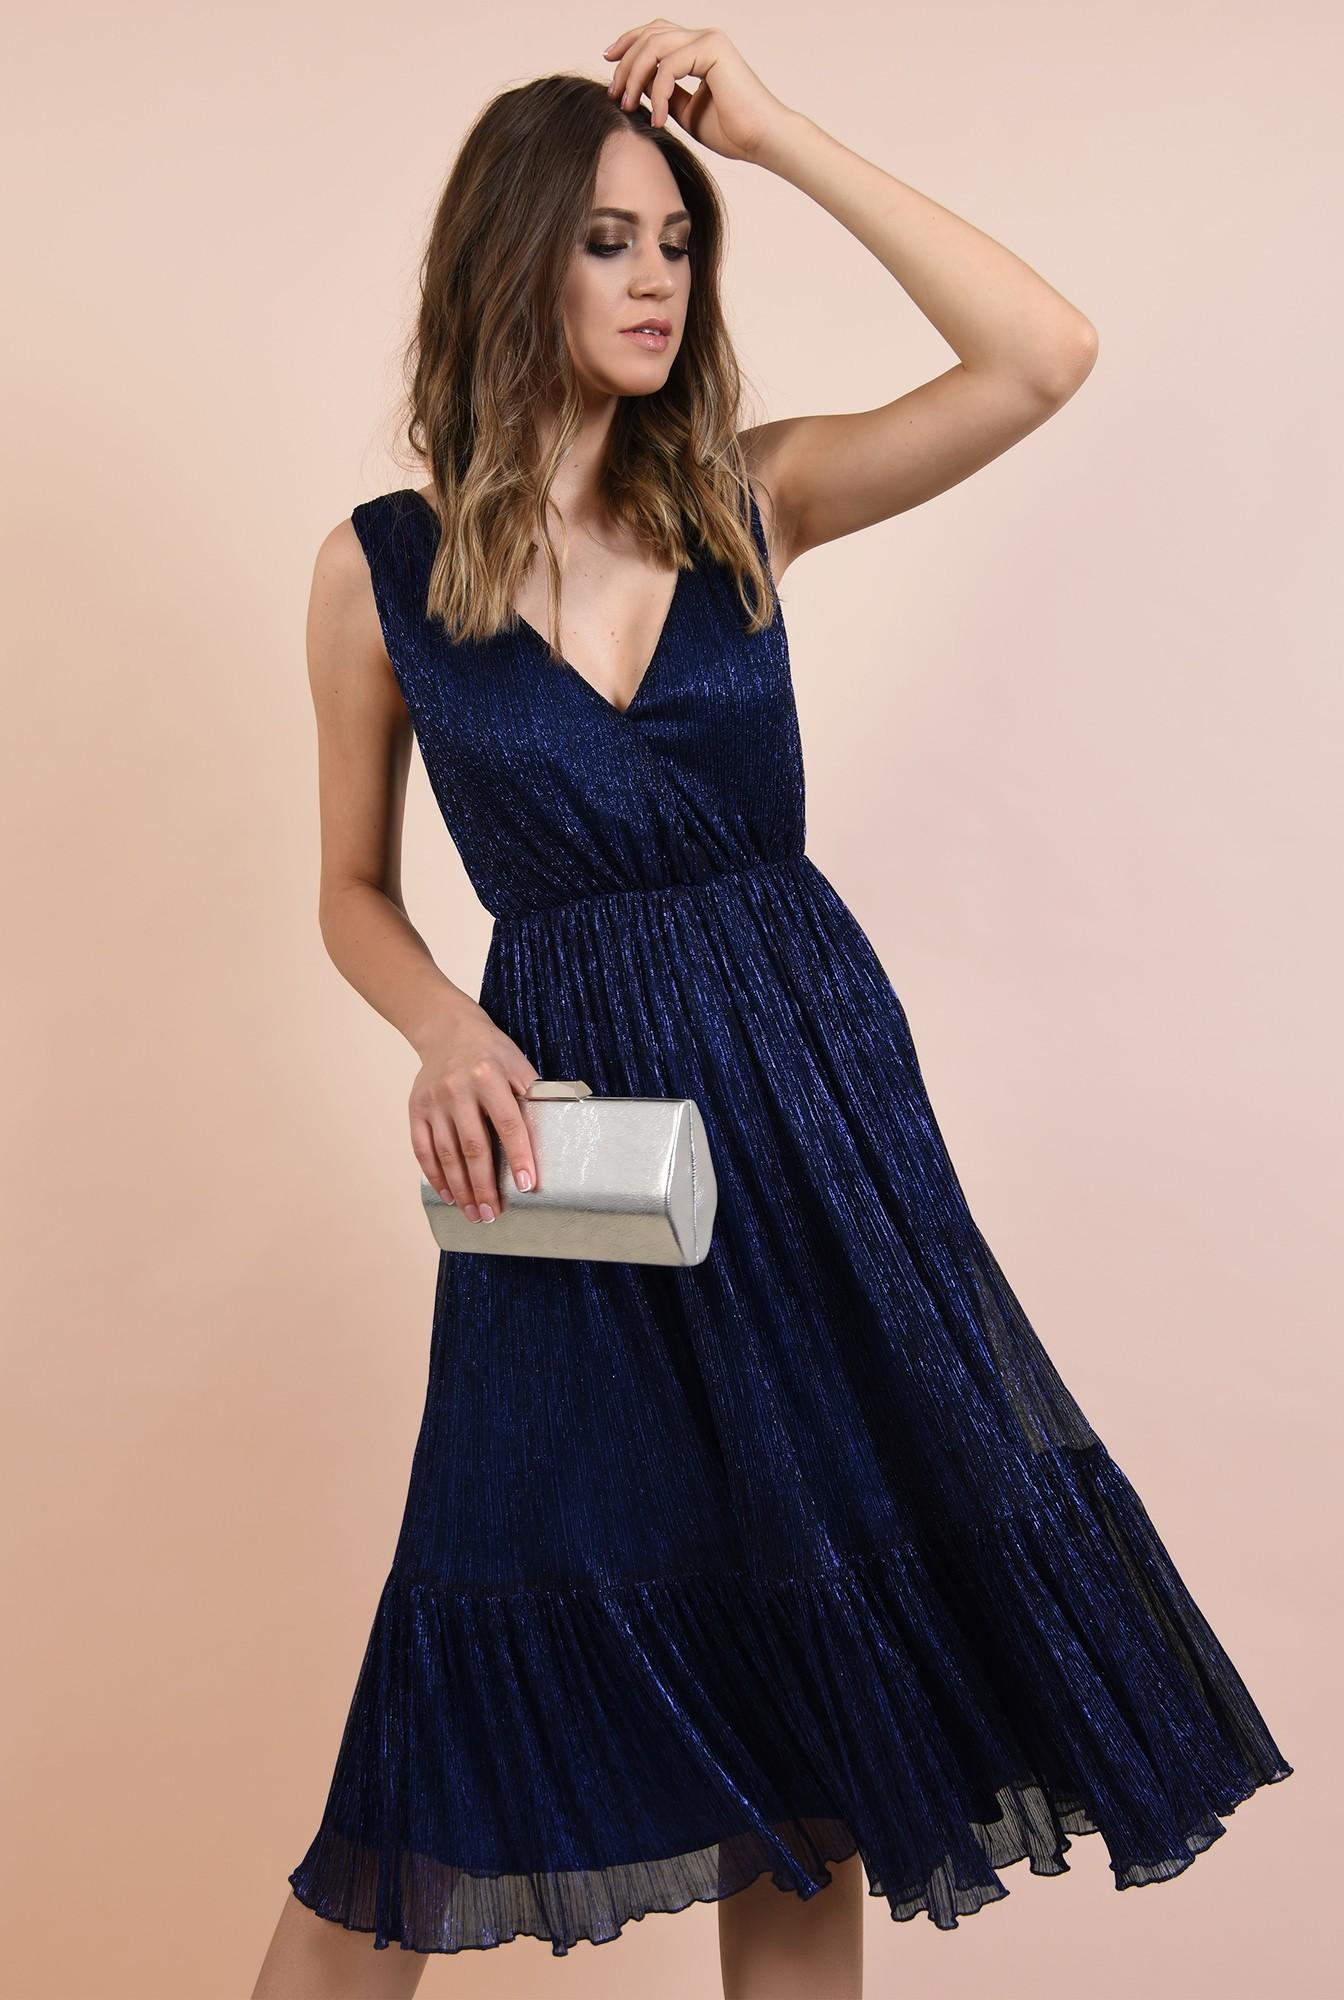 2 - rochie de seara, din lurex, elastic la talie, anchior petrecut, albastra, Poema